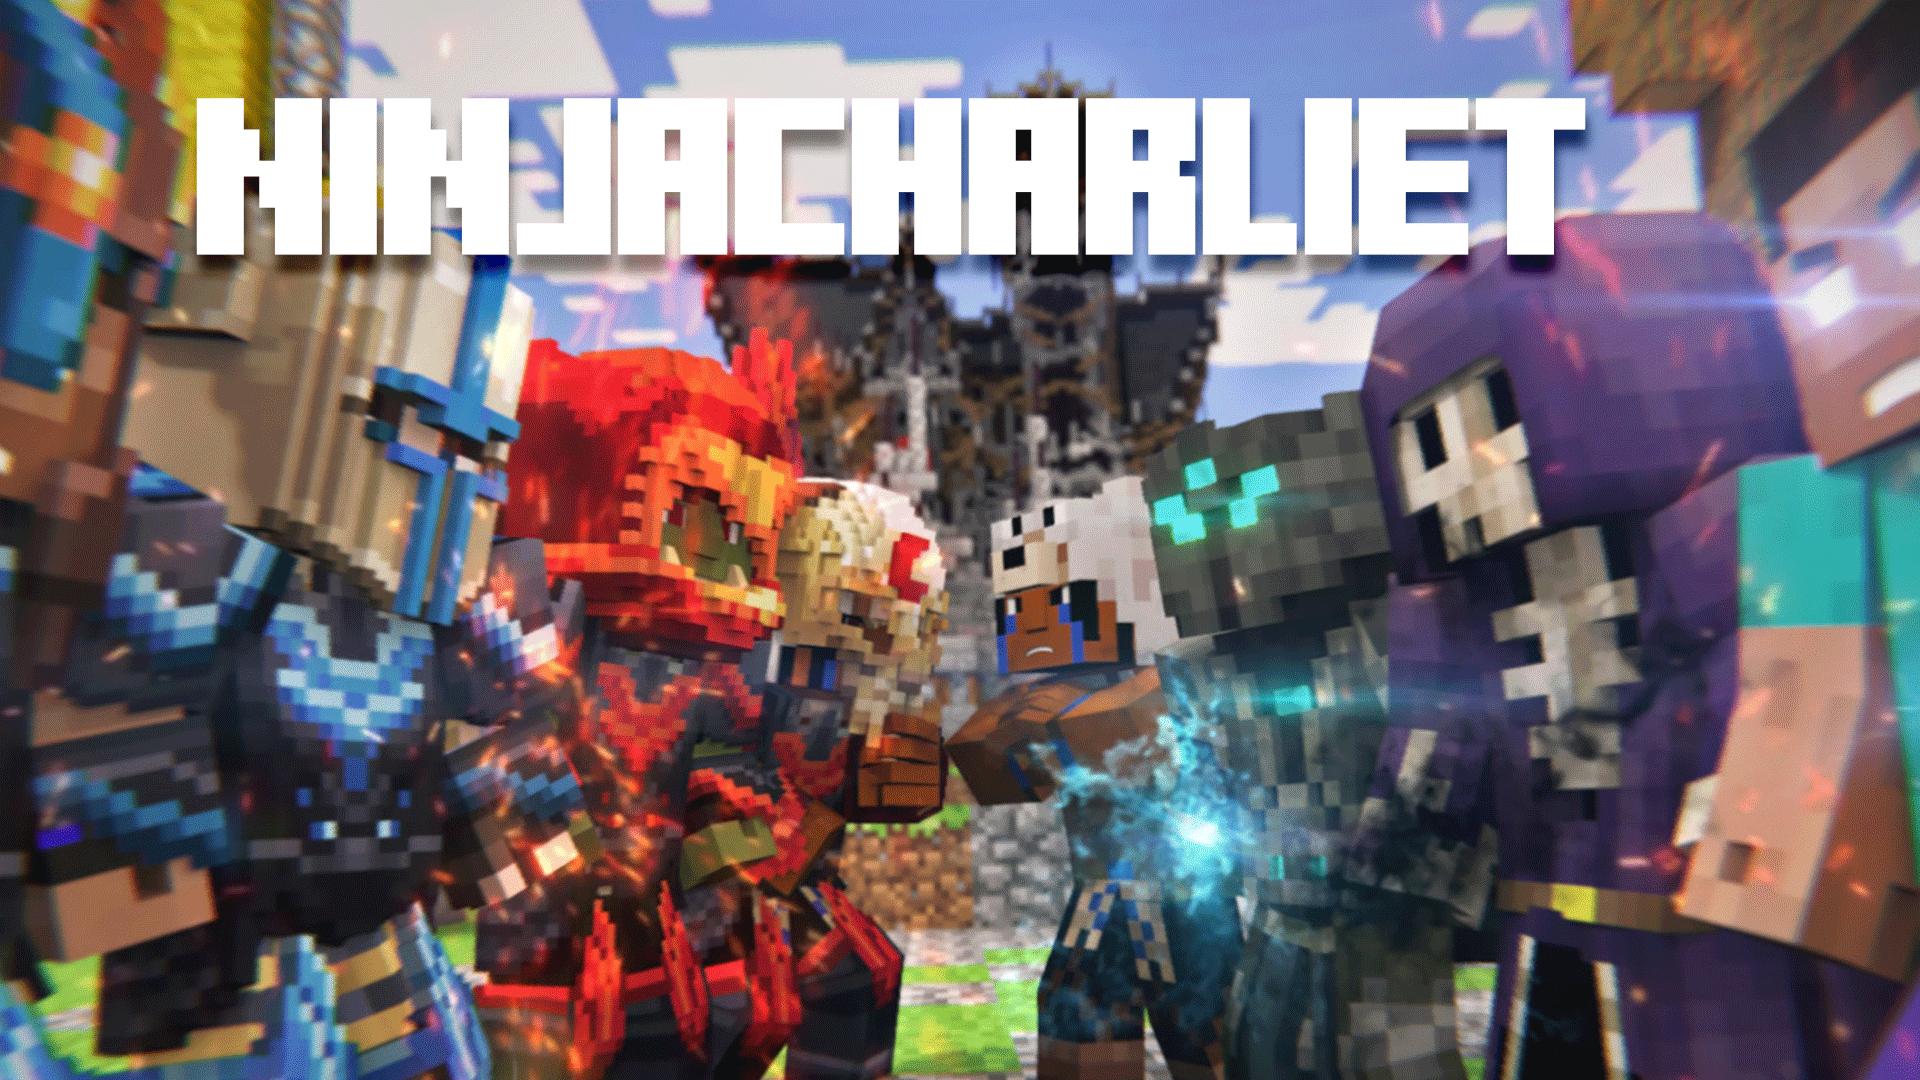 Watch Ninja Charlie T | Prime Video